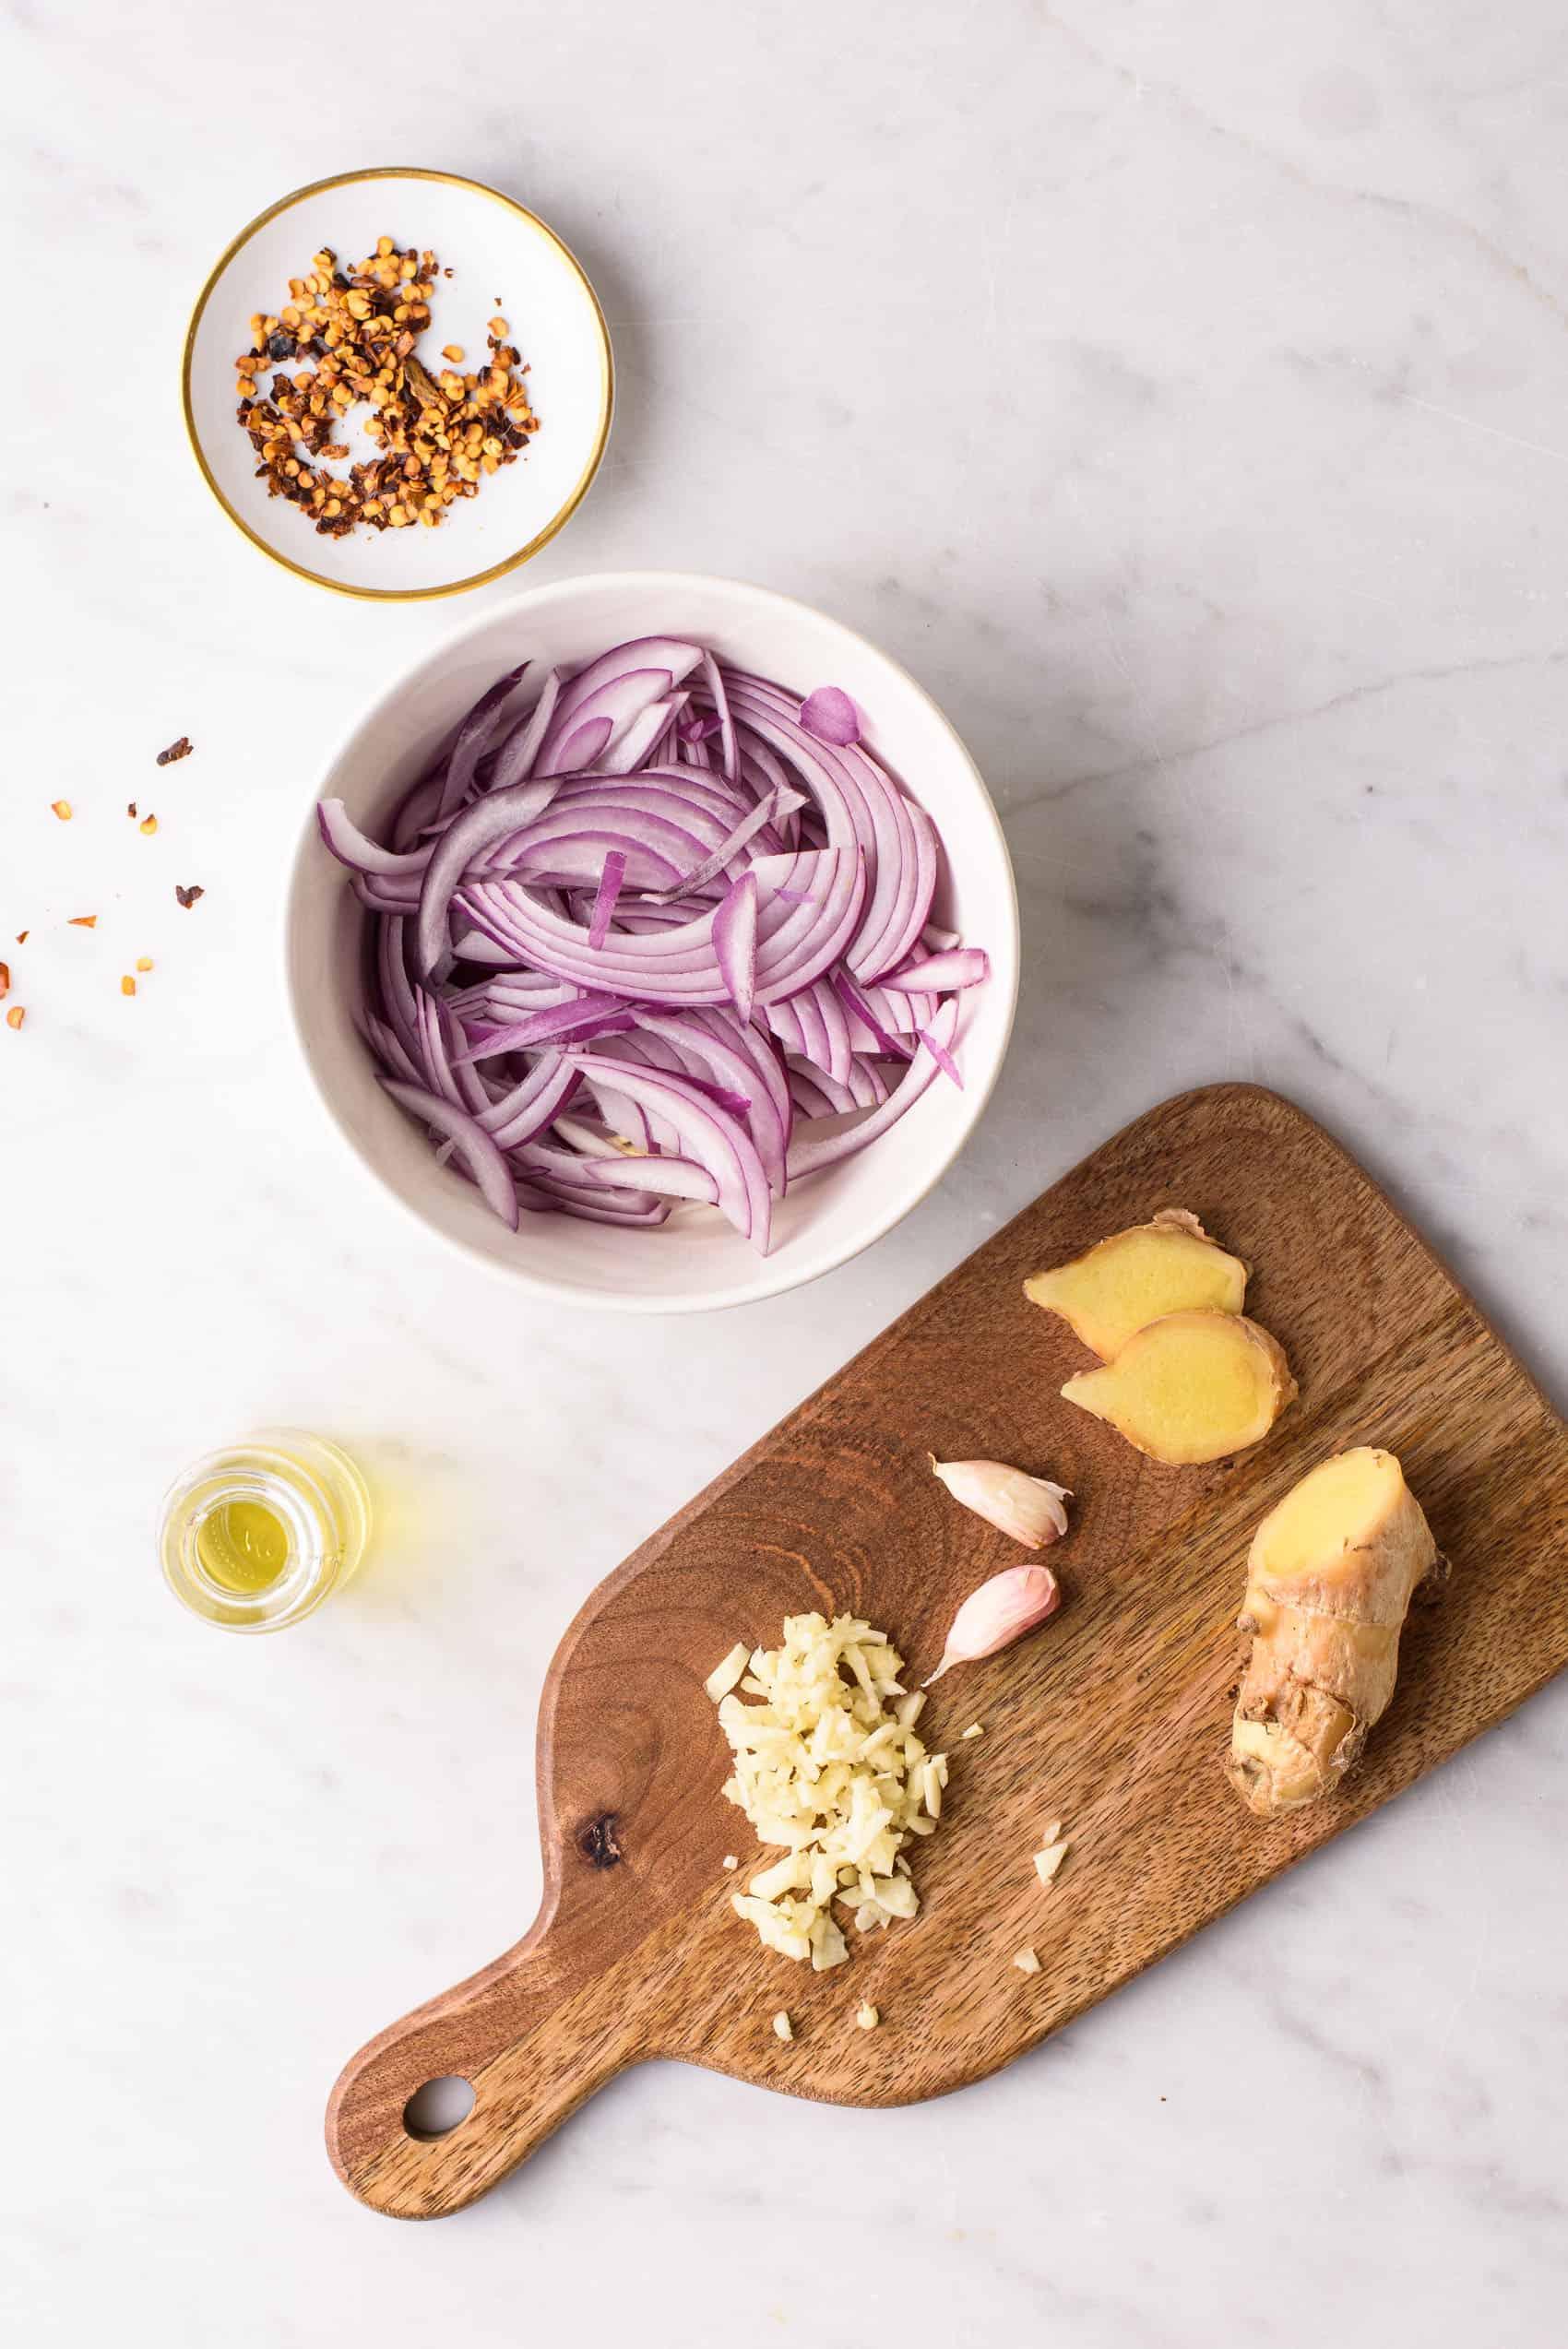 Pepervlokken, gesnipperde rode ui, en gehakte knoflook en gember op een snijplank, alles klaargezet op een marmeren tafel